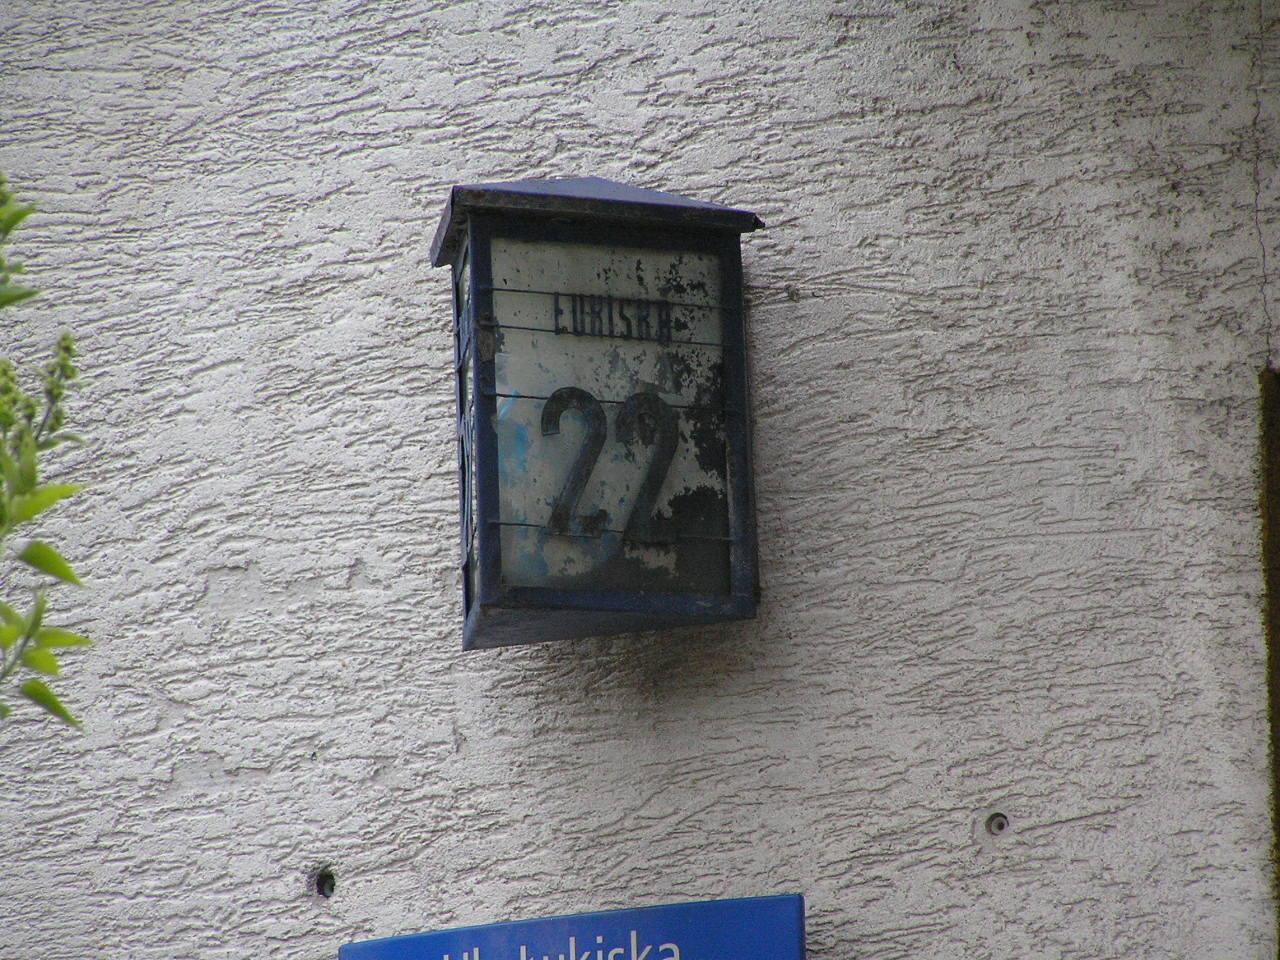 Latarenka adresowa - Łukiska 22